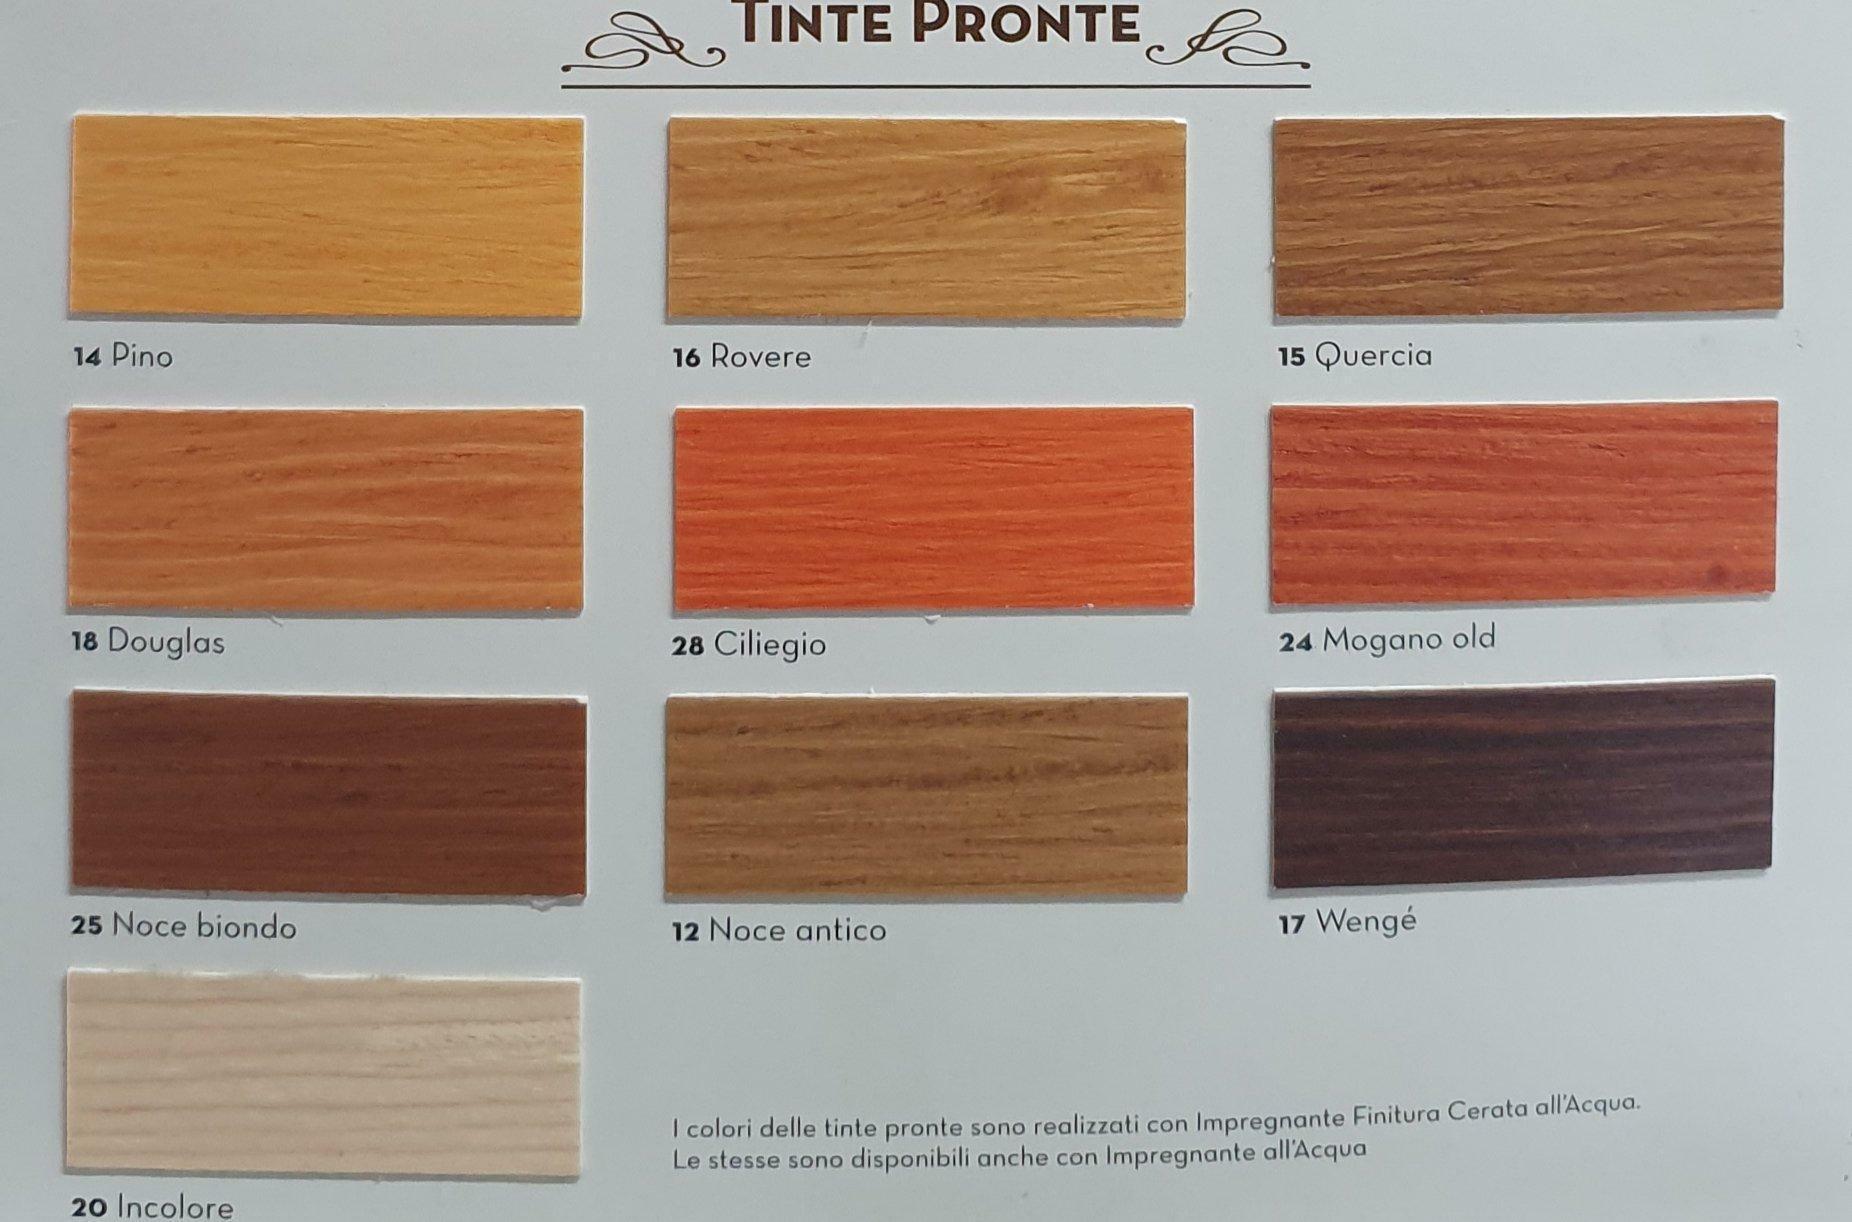 attiva ingham clark finitura per legno effetto cerato all'acqua colore wenge 0,750 lt